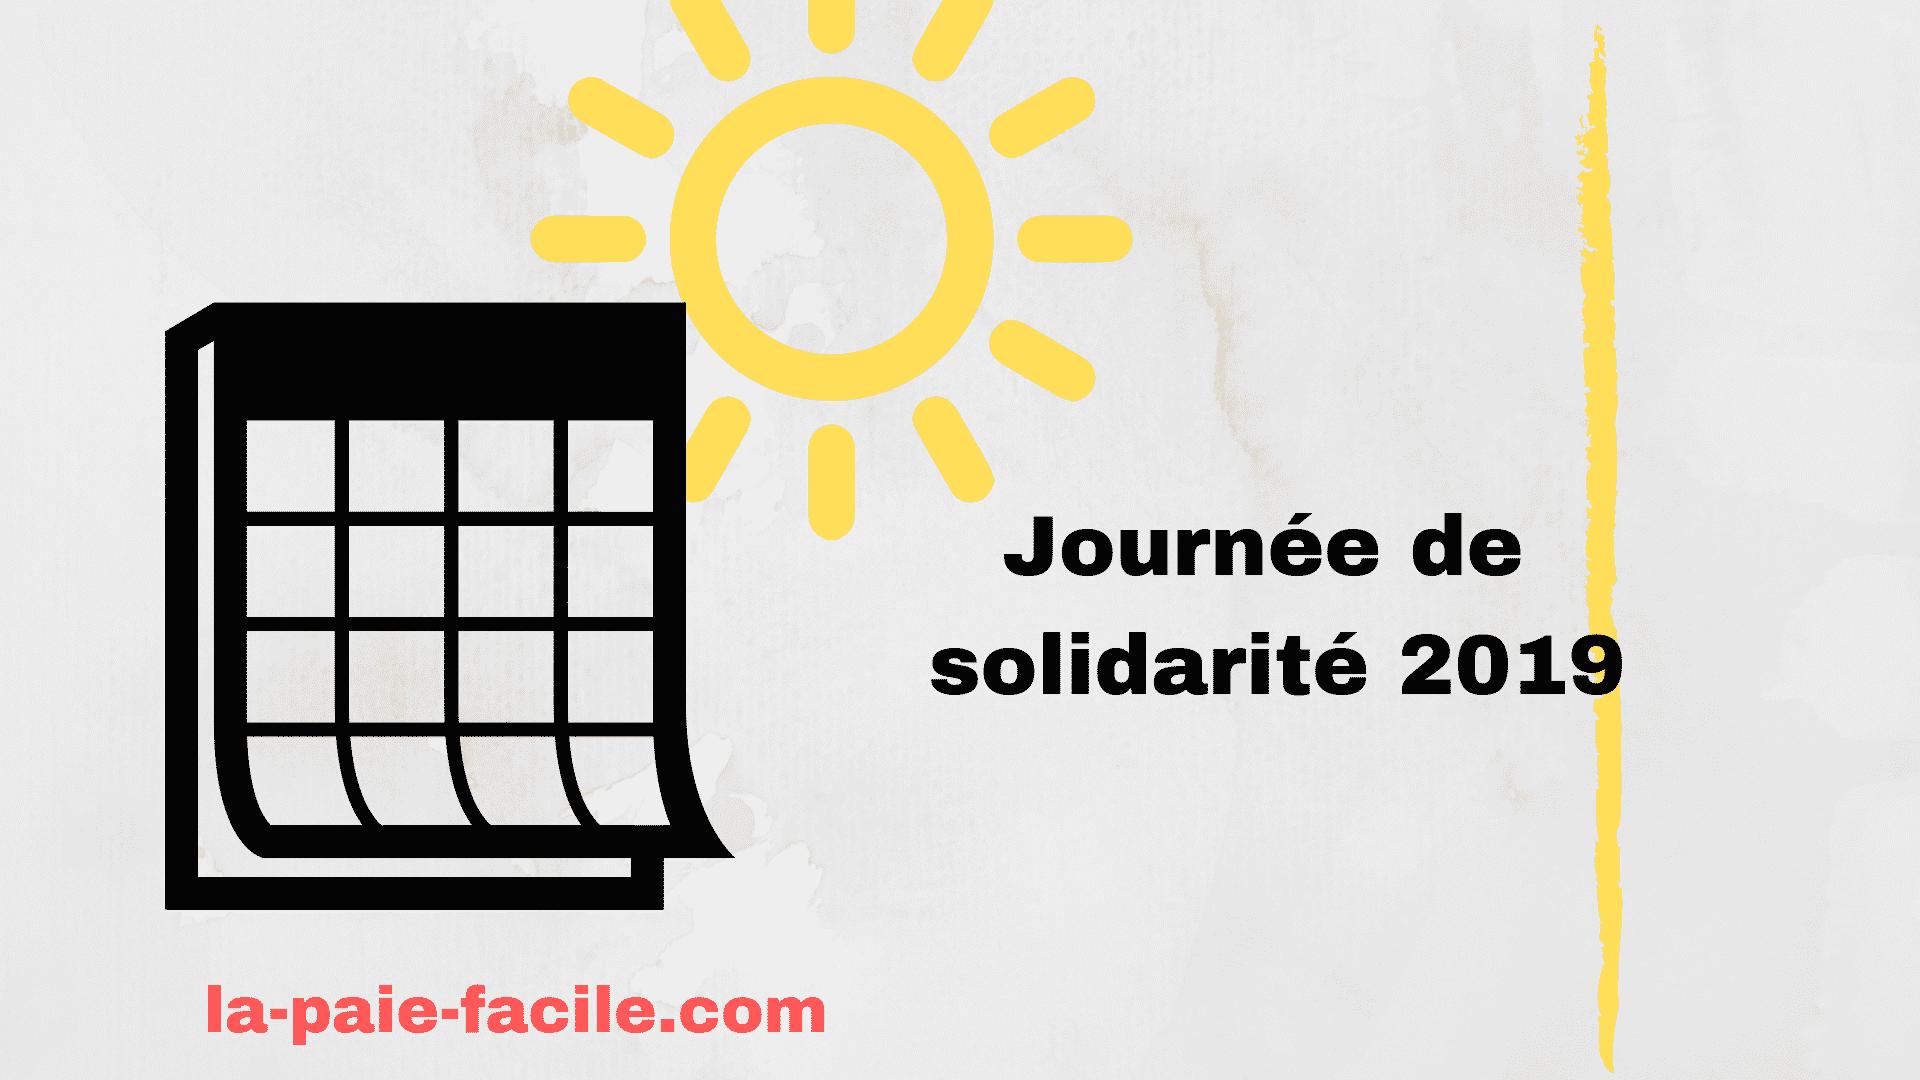 journée de solidarité 2019